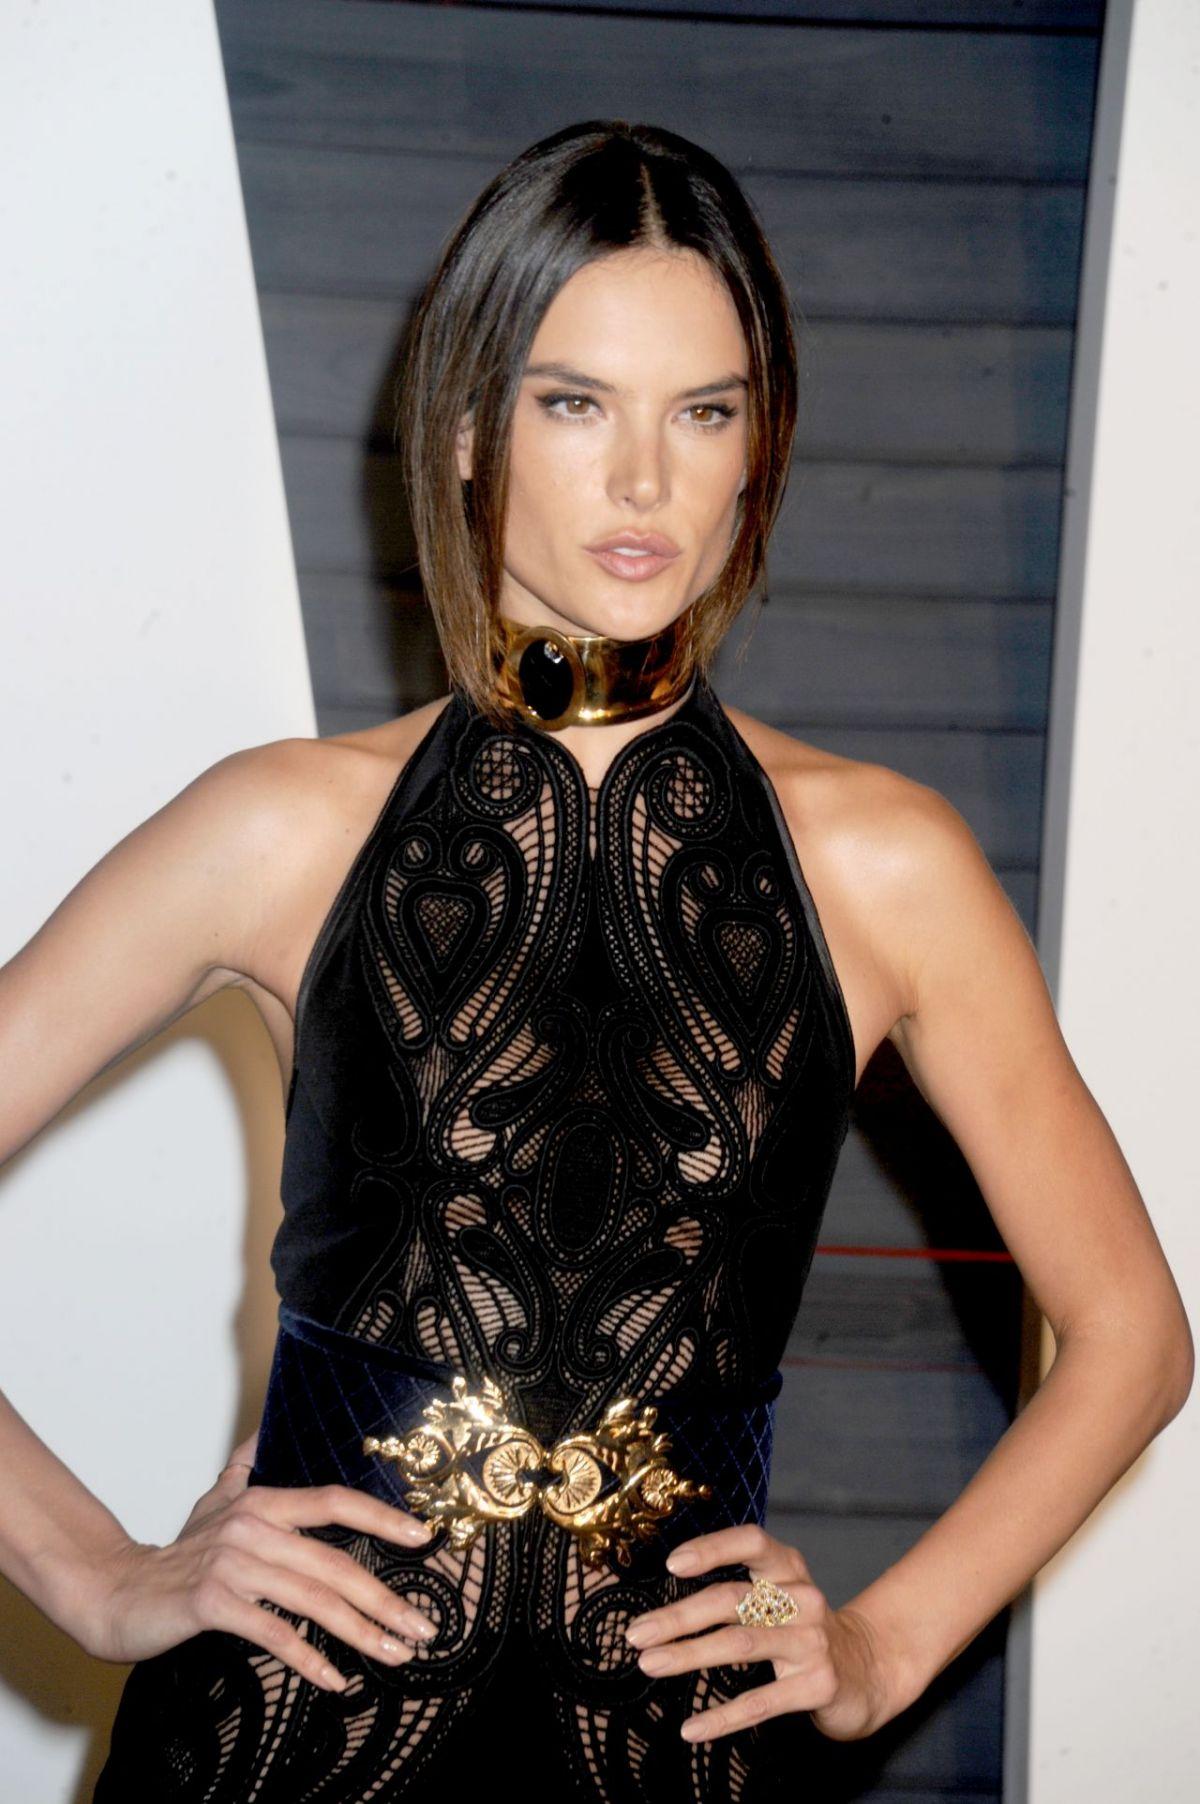 ALESSANDRA AMBROSIO at Vanity Fair Oscar 2016 Party in ... Alessandra Ambrosio